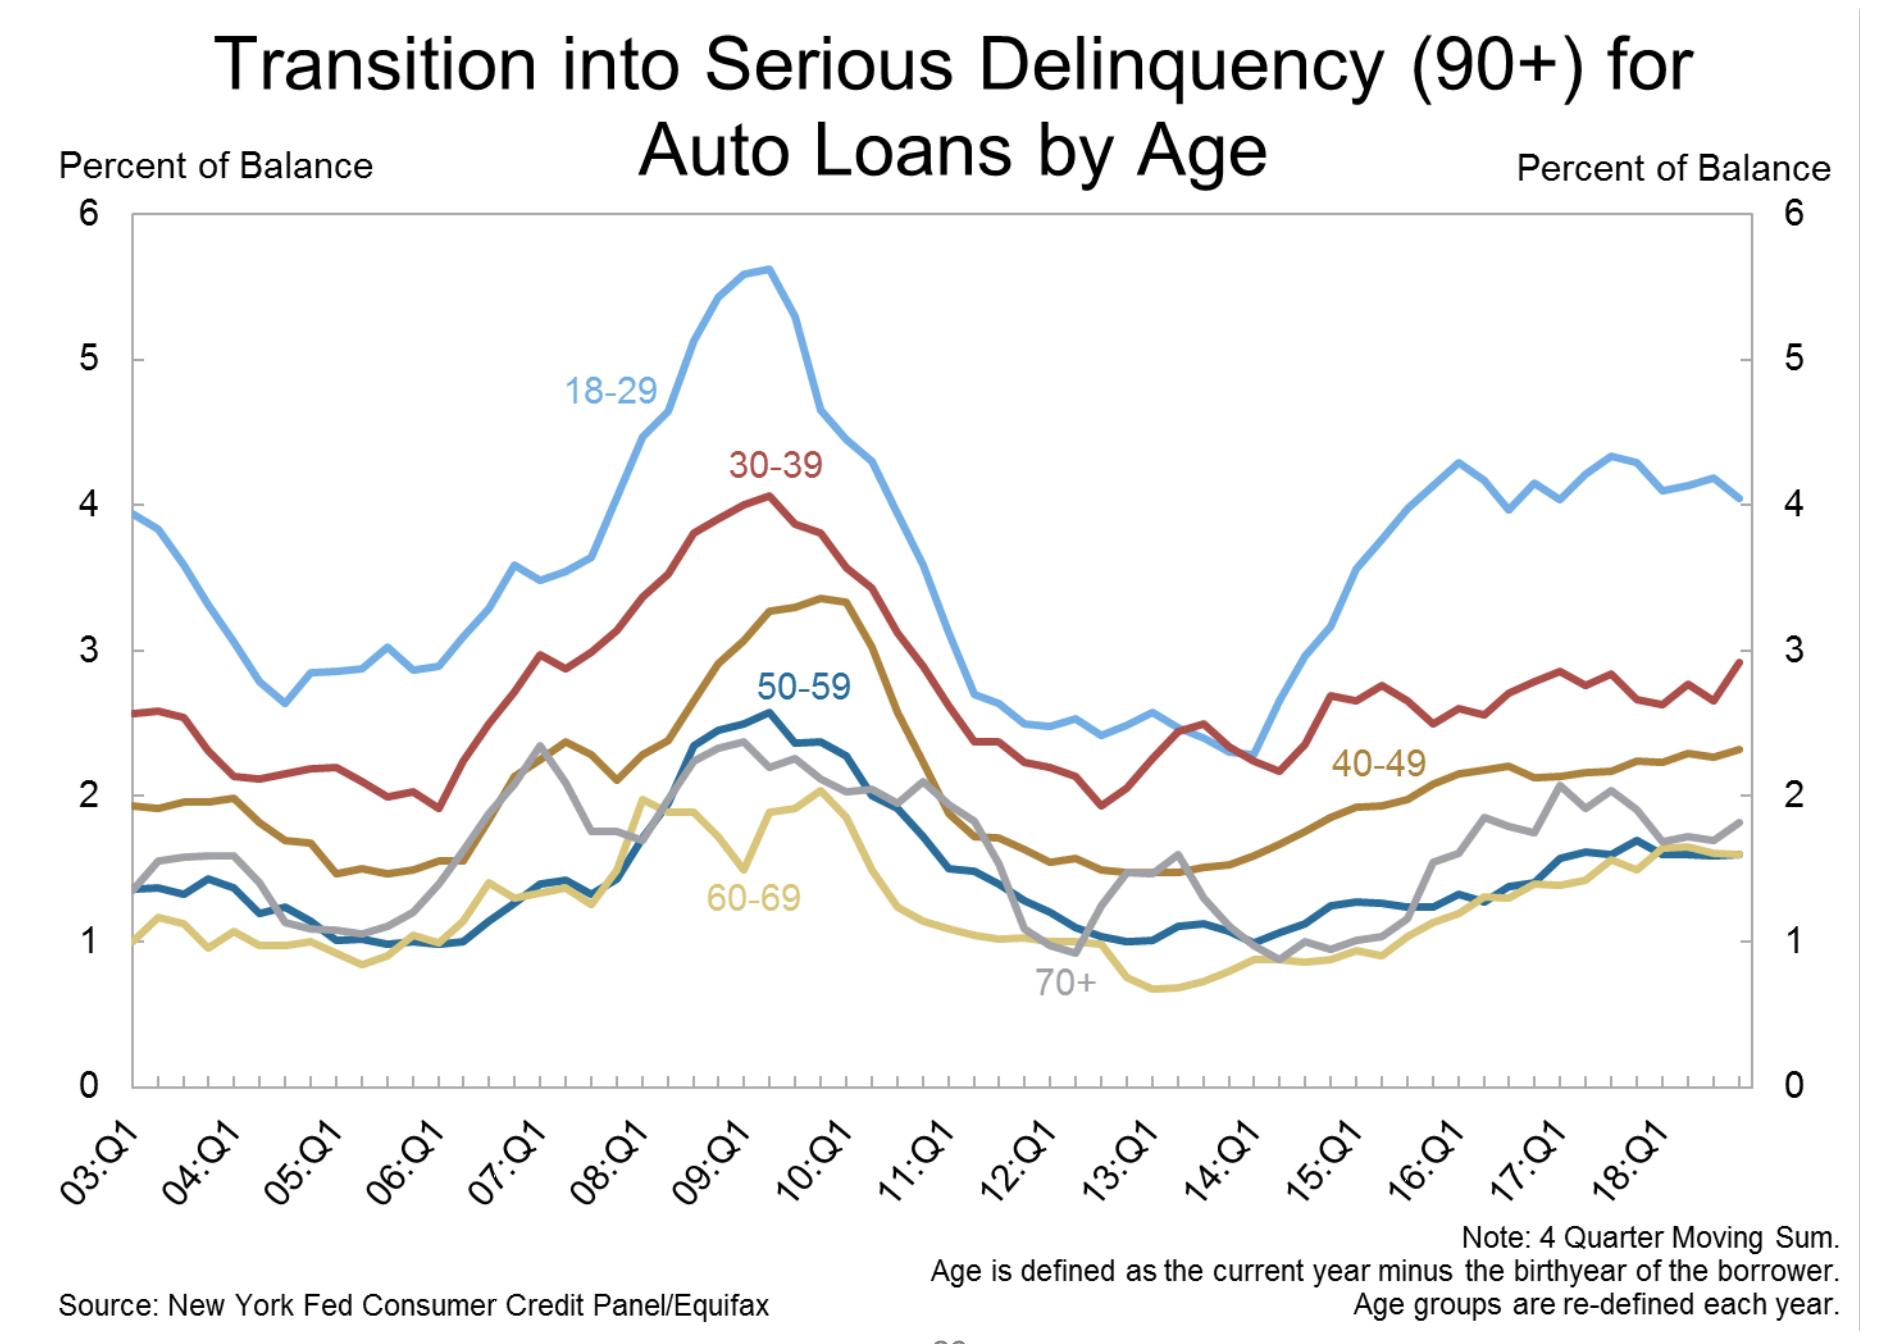 Auto loans data